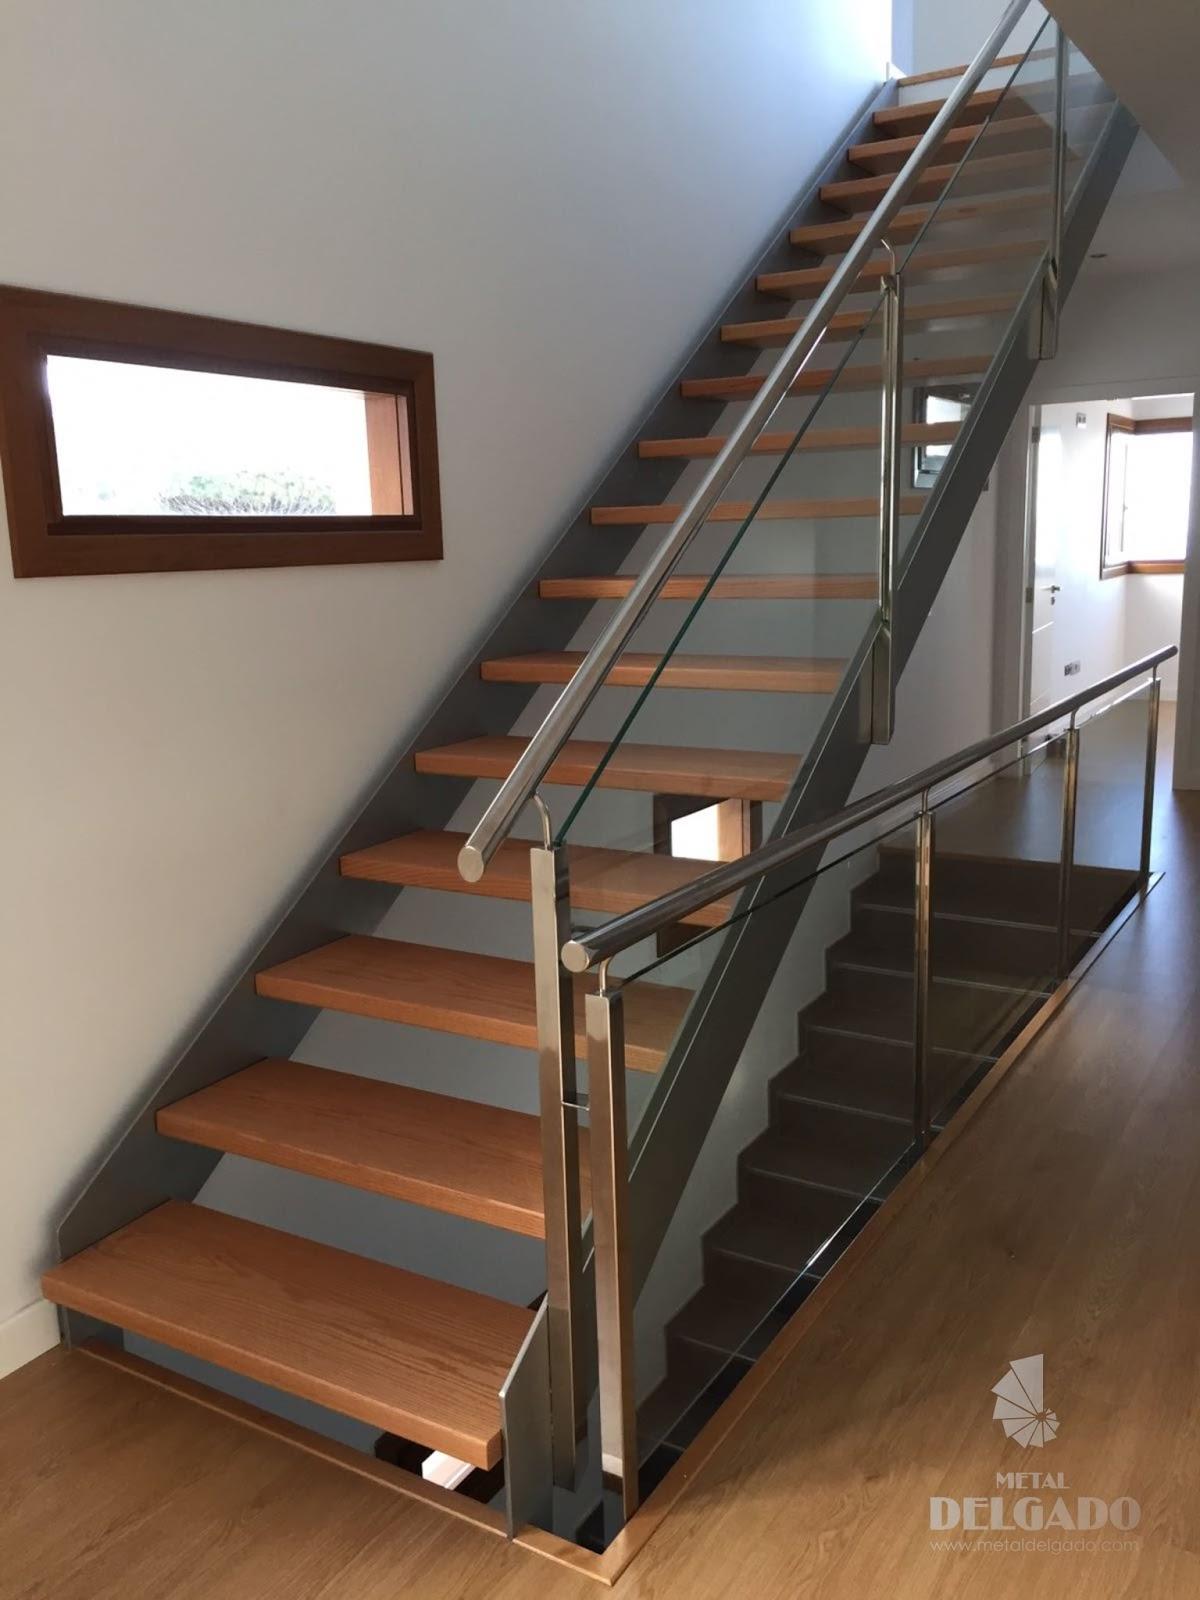 Acero inoxidable tenerife escaleras met licas tenerife - Escaleras de cristal y madera ...